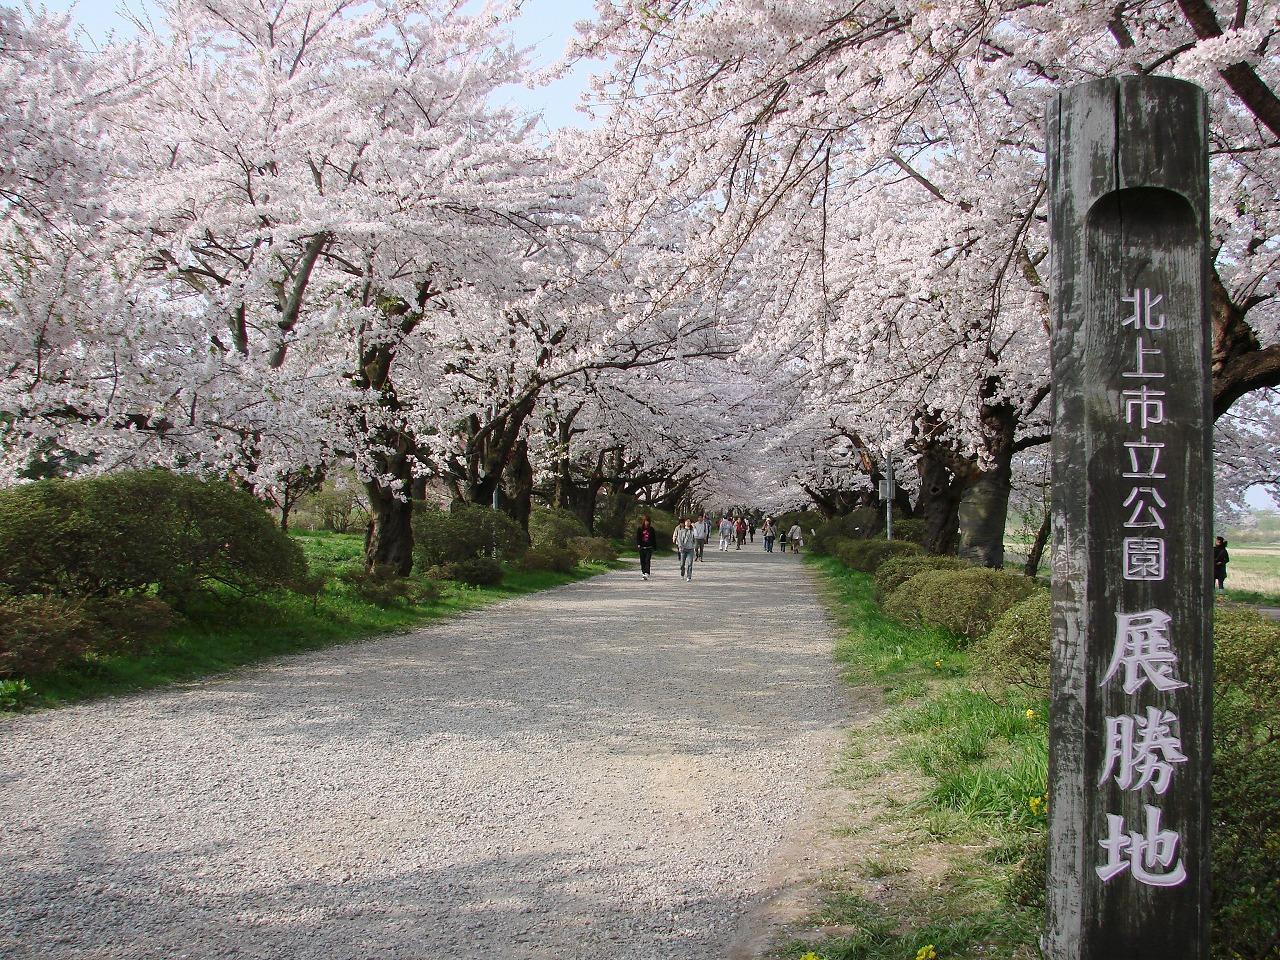 北上展勝地の桜情報まとめ!さくらまつりも開催!お花見の見頃はいつ?